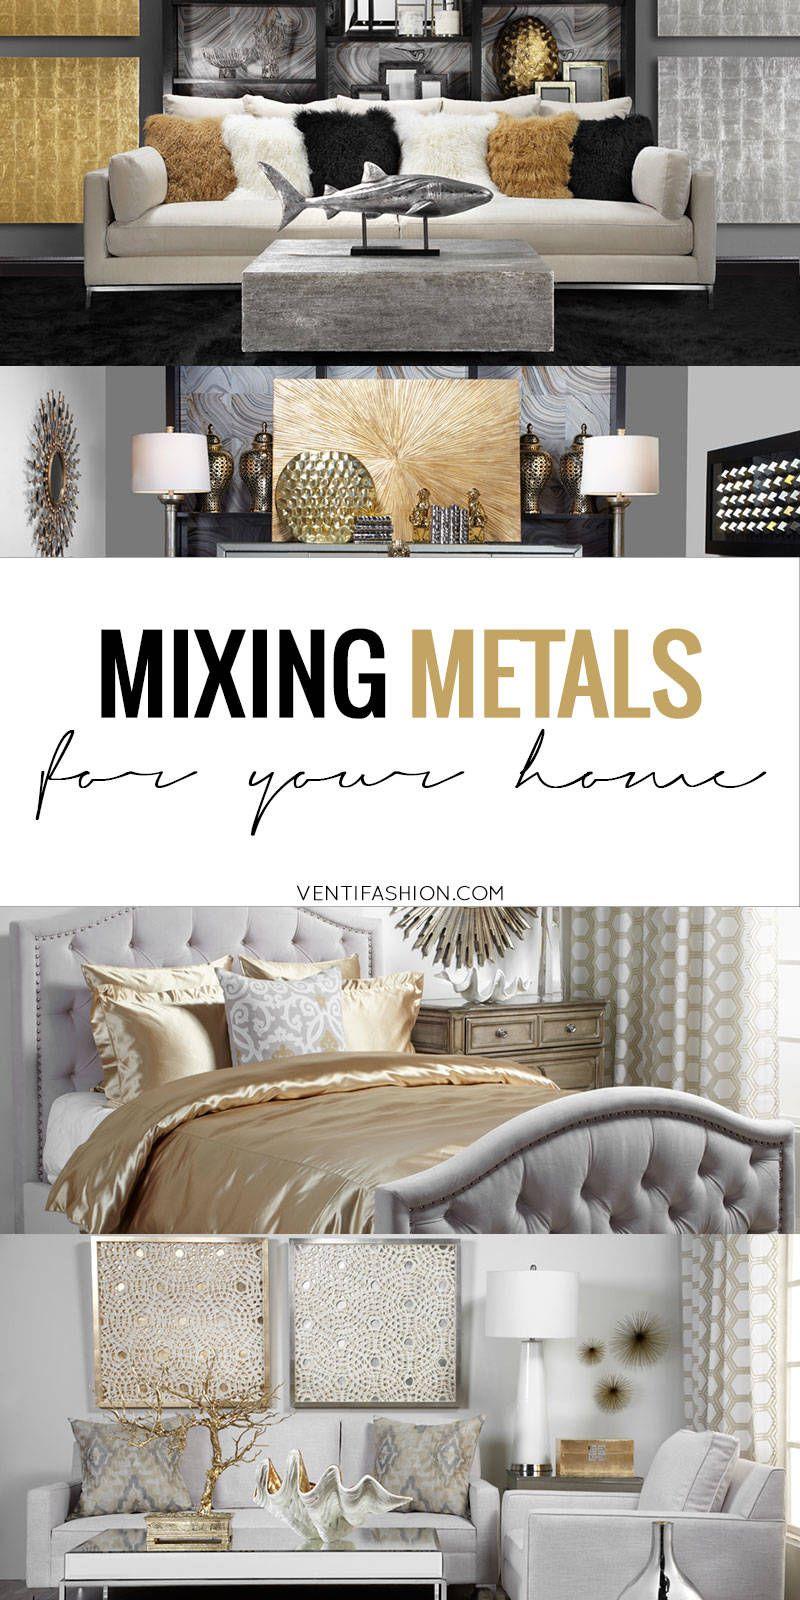 Home Decor Mixed Metals Home Decor Gold Home Decor Asian Home Decor